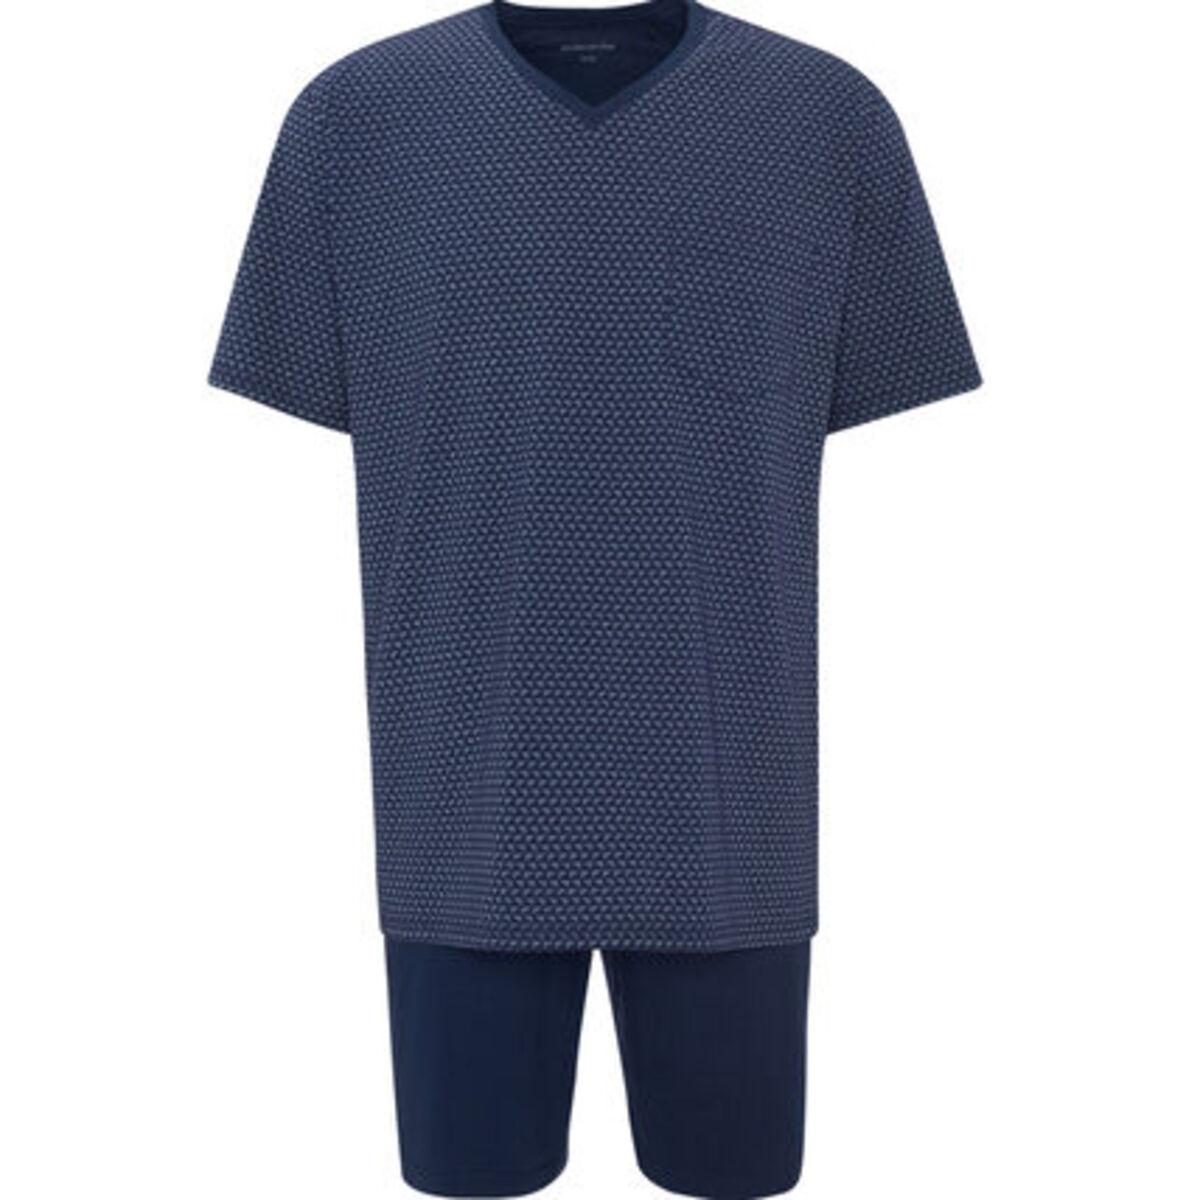 Bild 1 von Seidensticker Schlafanzug, kurz, Kurzarm, gemustert, für Herren